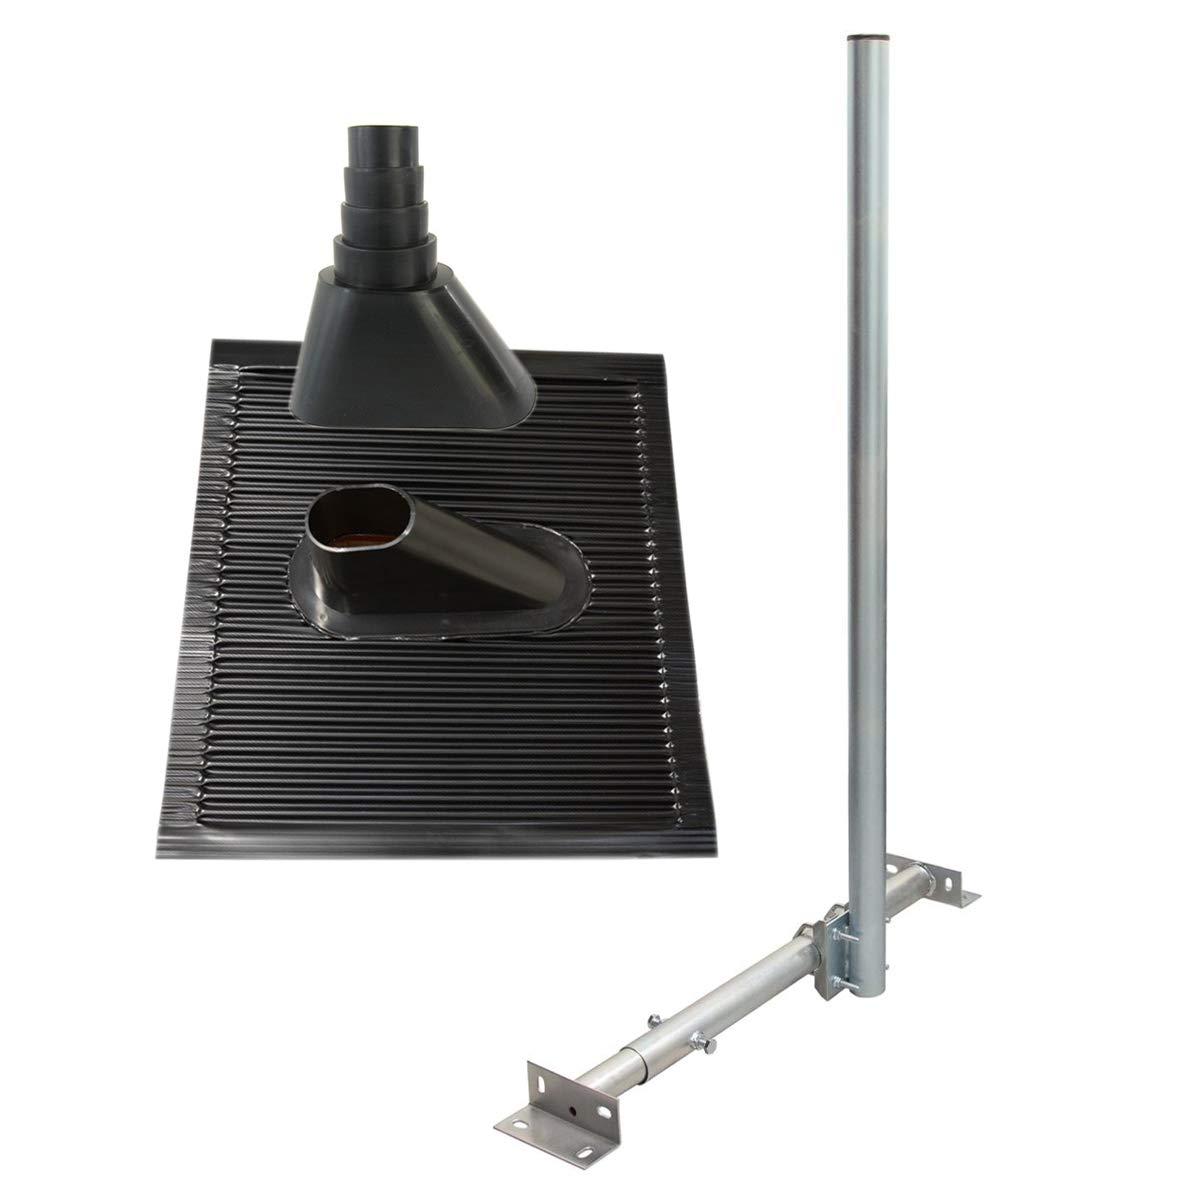 PremiumX Basic X120-48 SAT TV Dachsparrenhalterung 120cm Kabeldurchf/ührung Mast f/ür Satellitensch/üssel/´Satelliten-Antenne Frankfurter Pfanne T/ülle schwarz inkl Schrauben